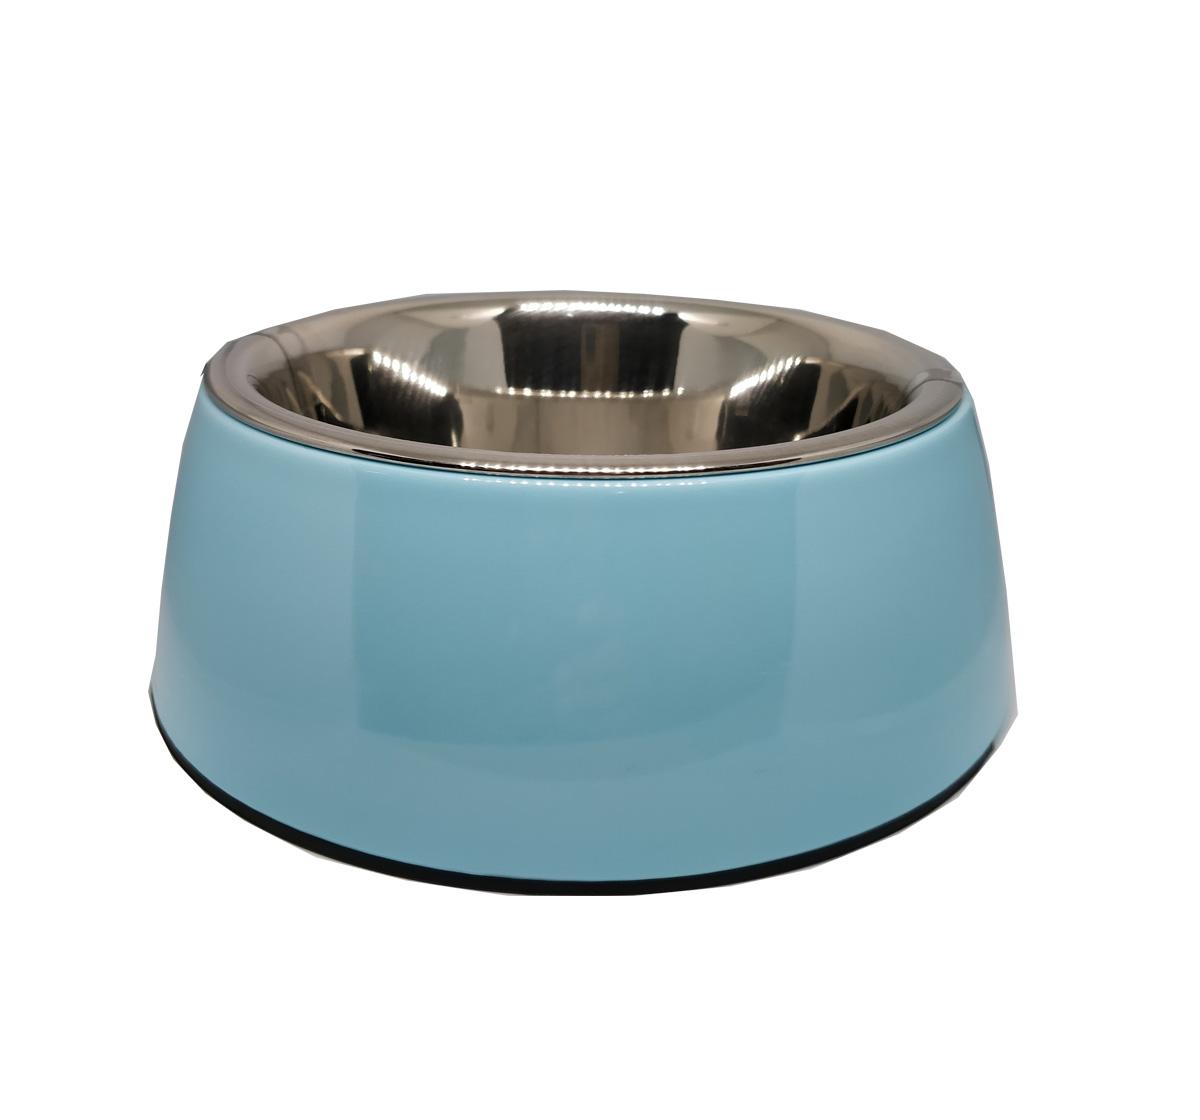 Basil Malamine Bowl Blue - Medium